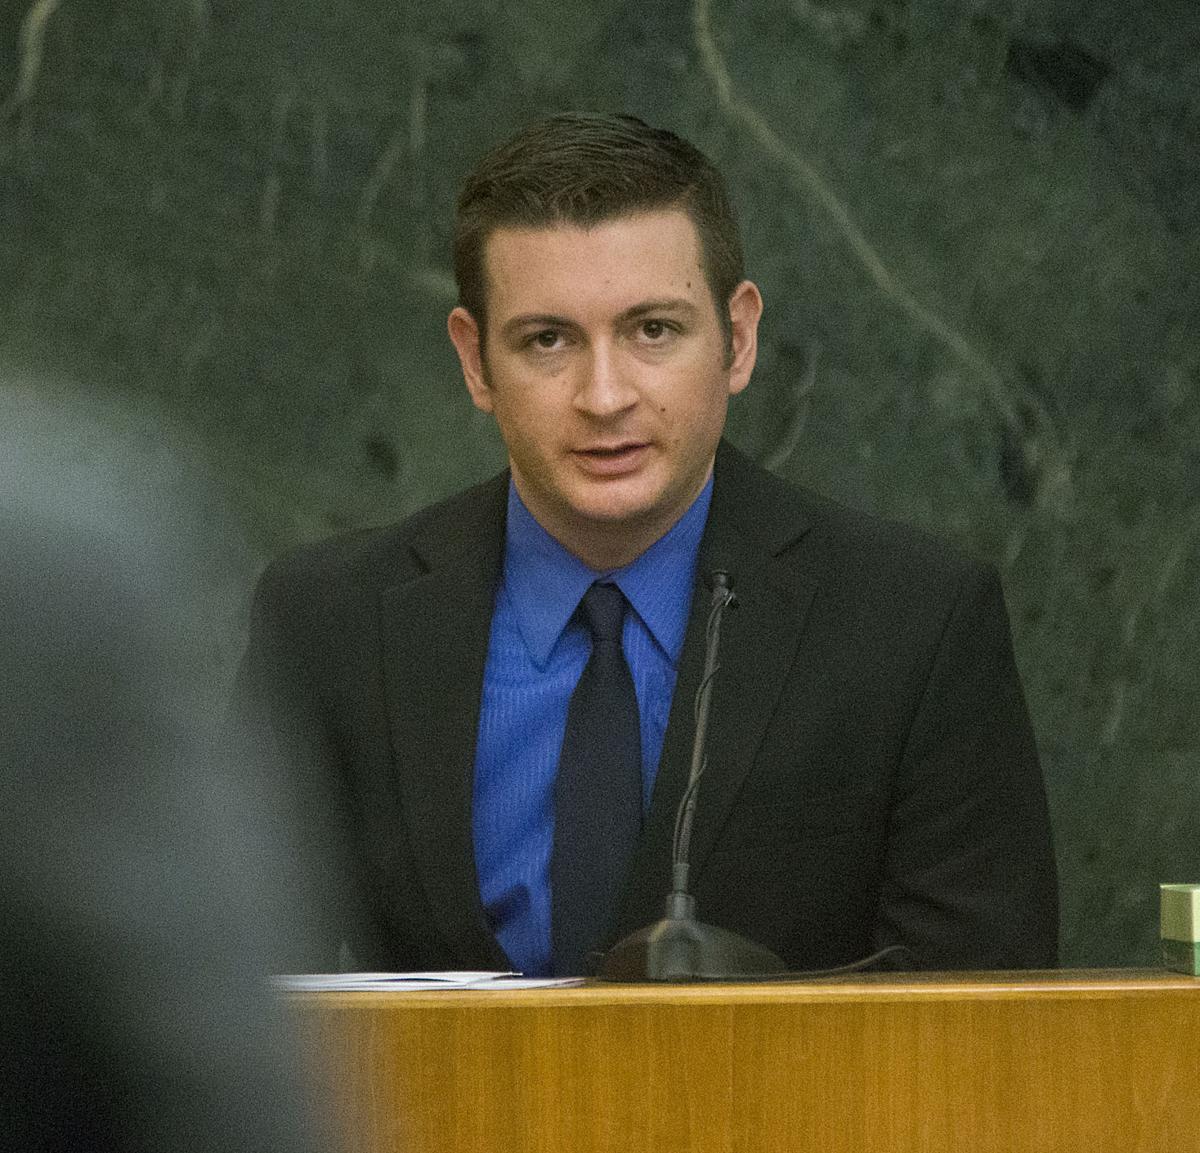 Jonathan Hearn